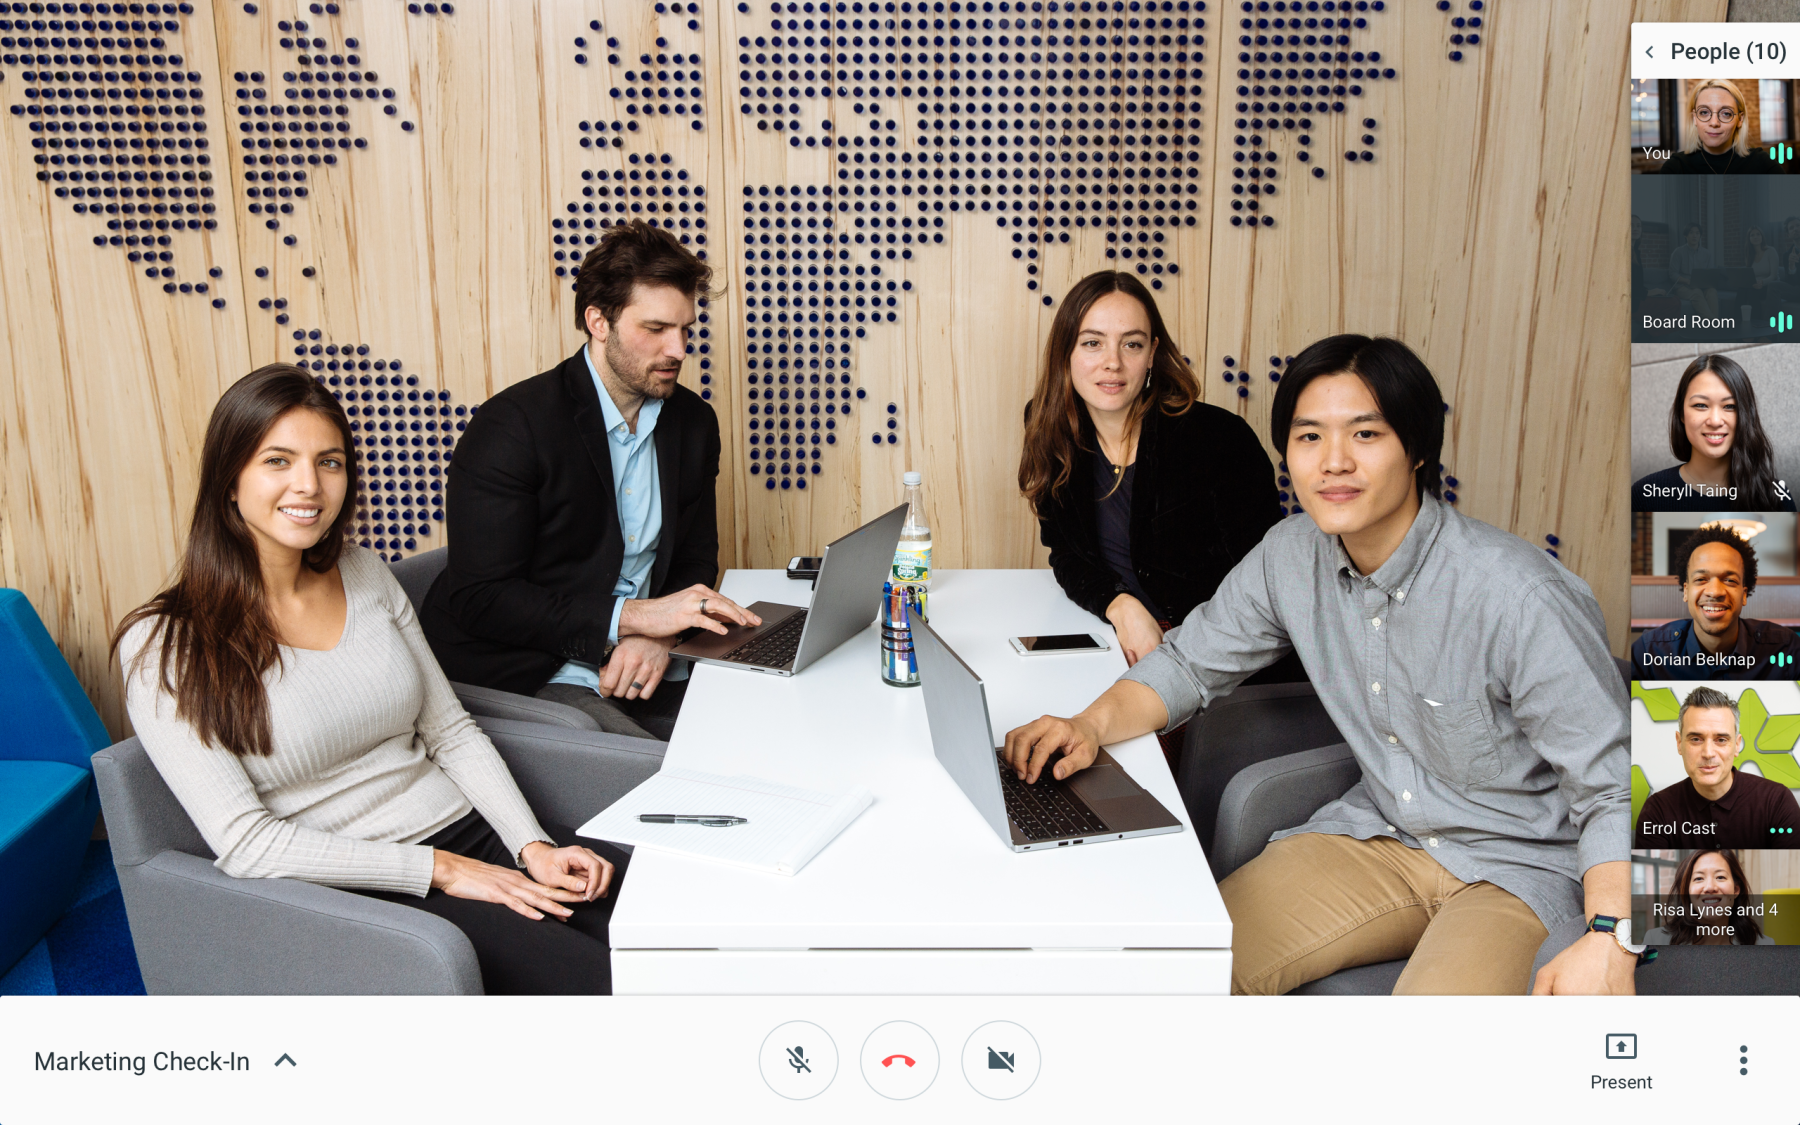 Google capitaliza el auge en videollamadas por COVID-19